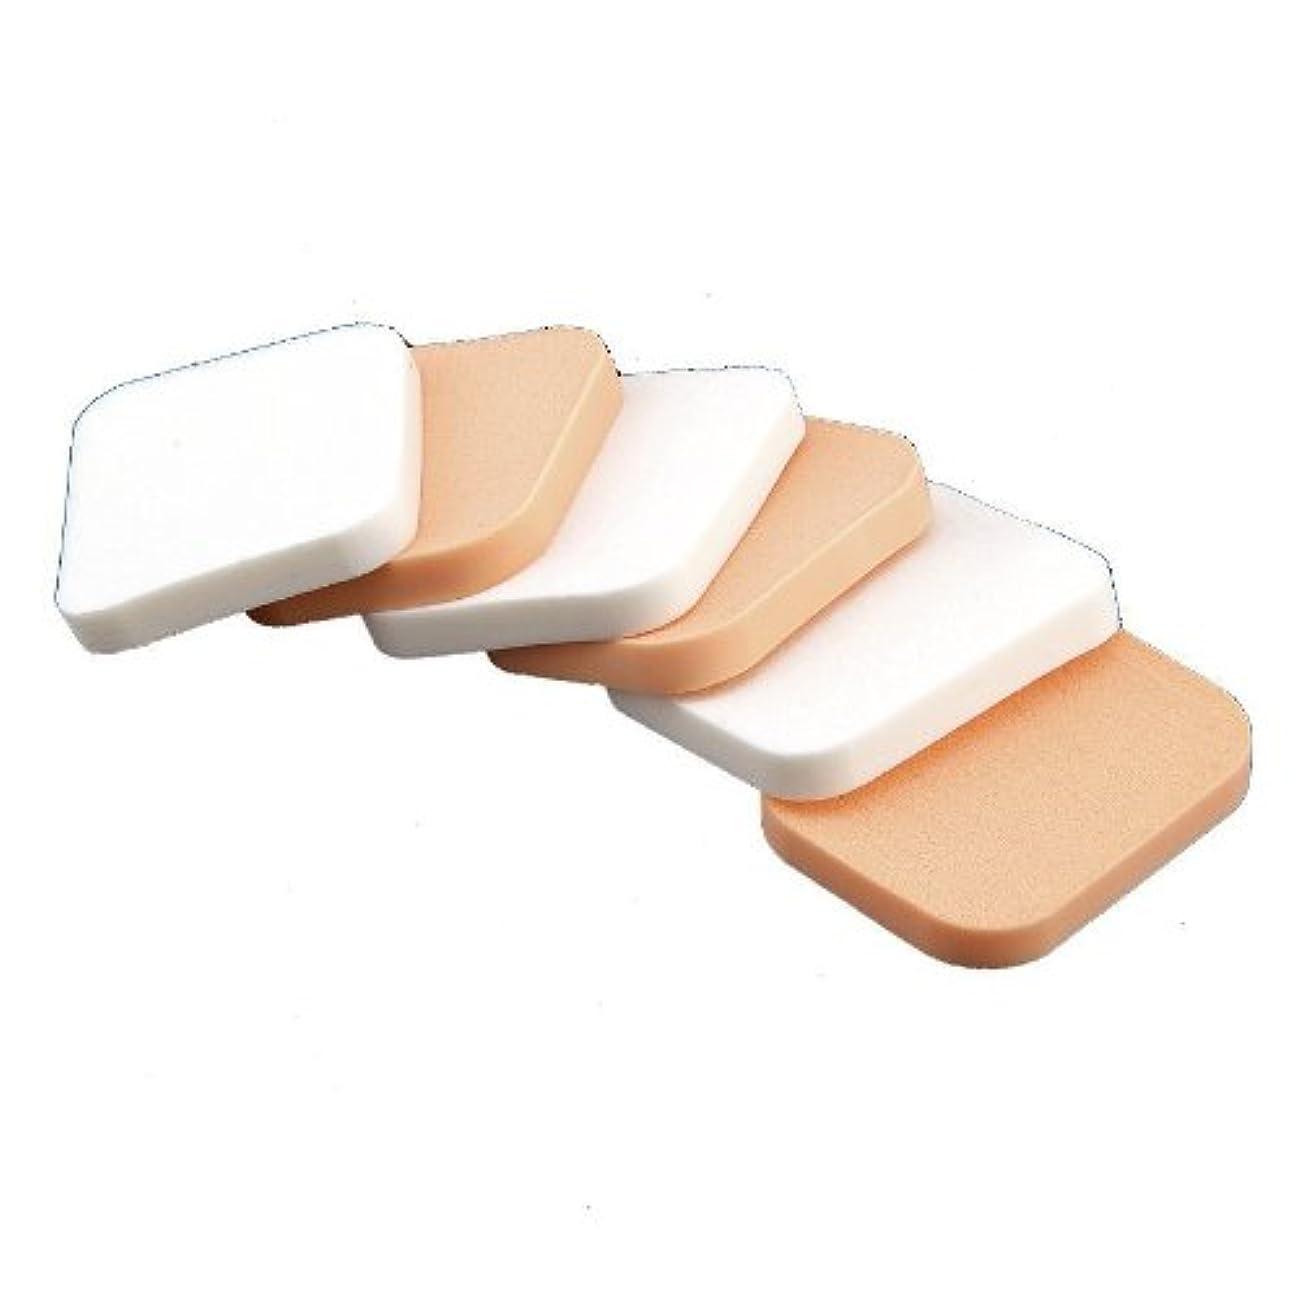 マーティンルーサーキングジュニアつなぐ背骨SODIAL(R) 6x パウダーパフメイクスポンジ 顔の化粧品スポンジ